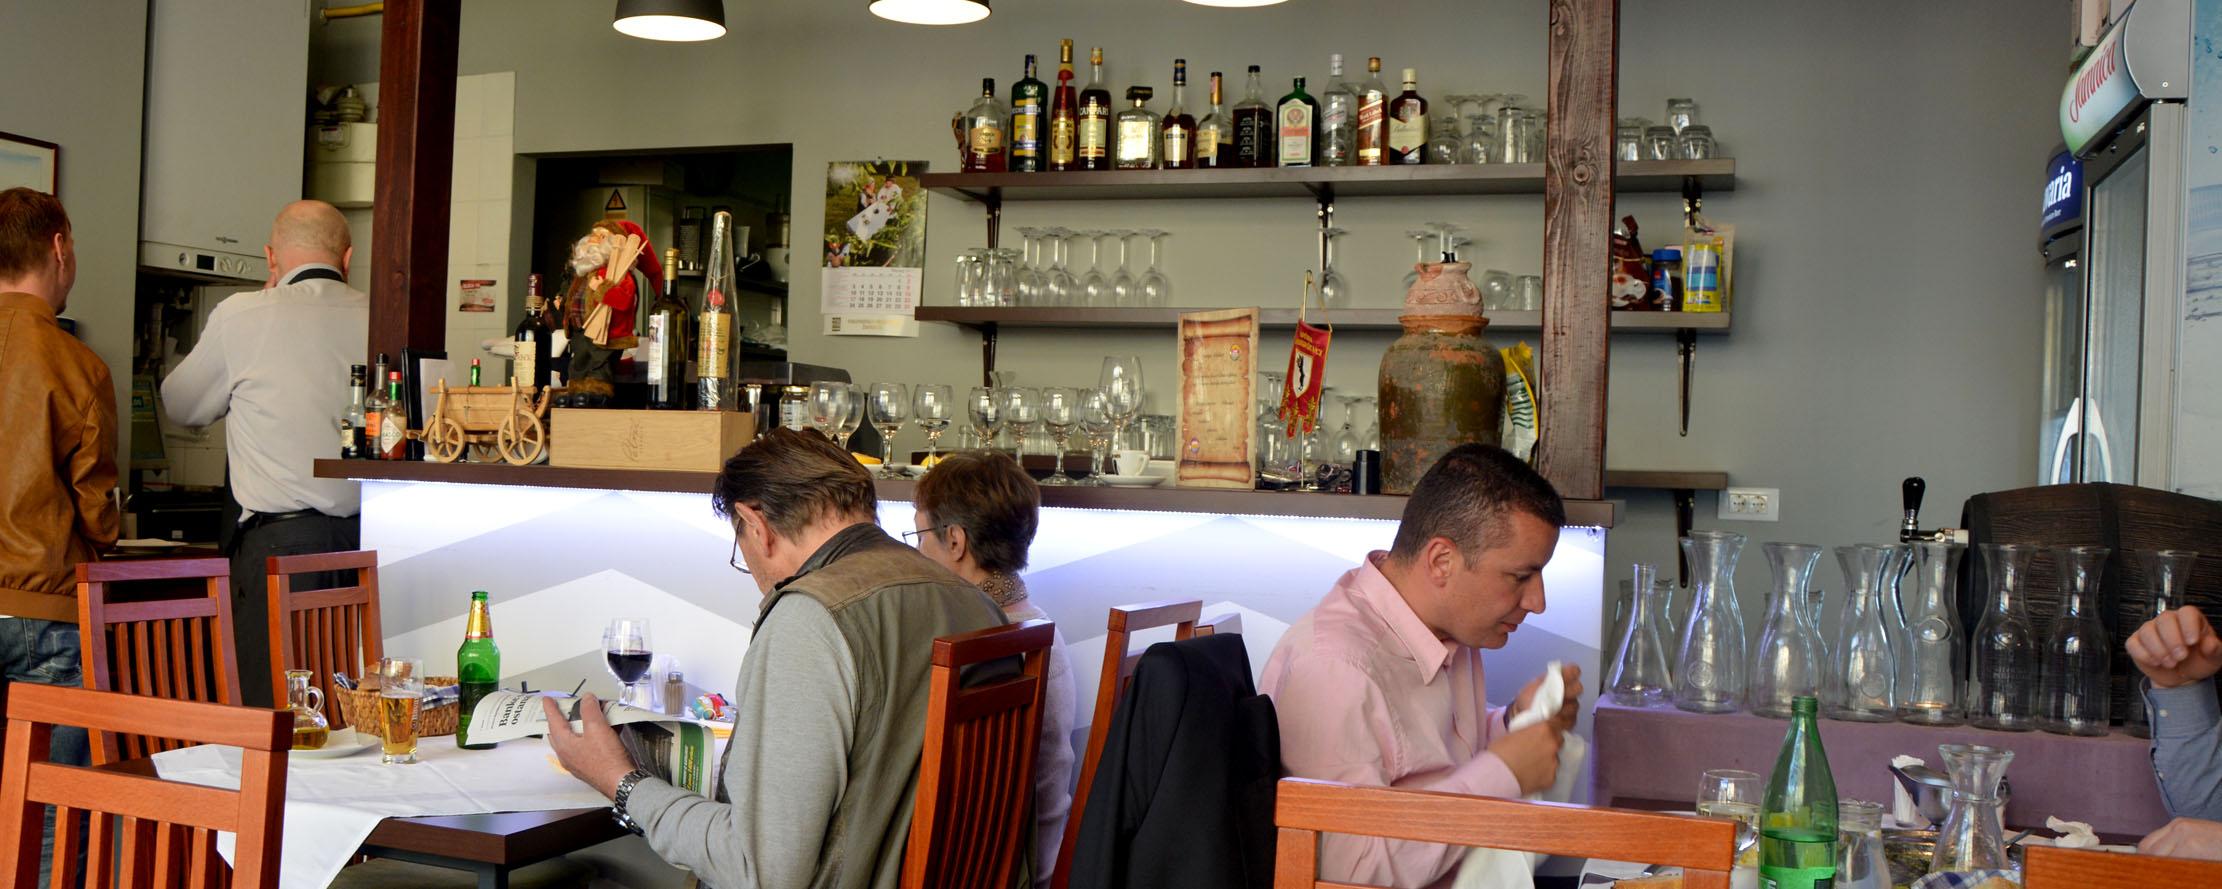 Restoran KOD VINKA, probajte najbolji bakalar / Foto